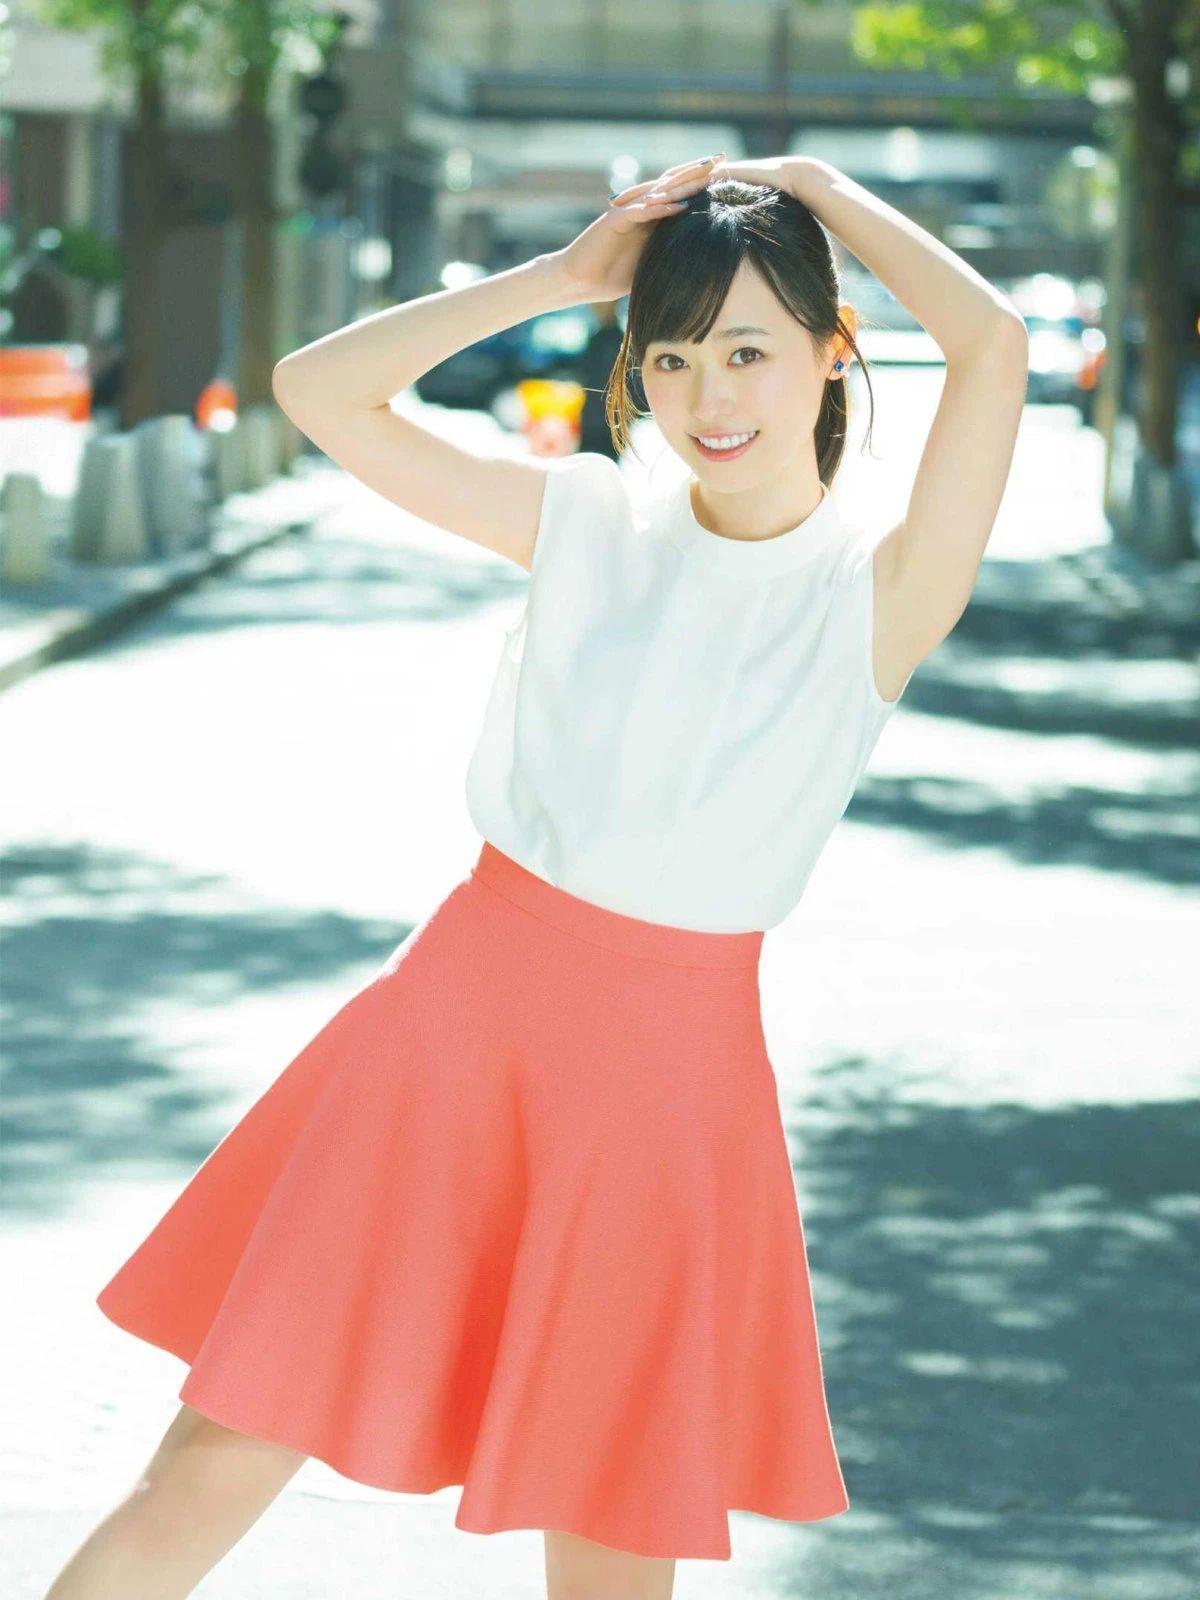 真的是甜到冒泡的美少女福原遥写真作品 (31)